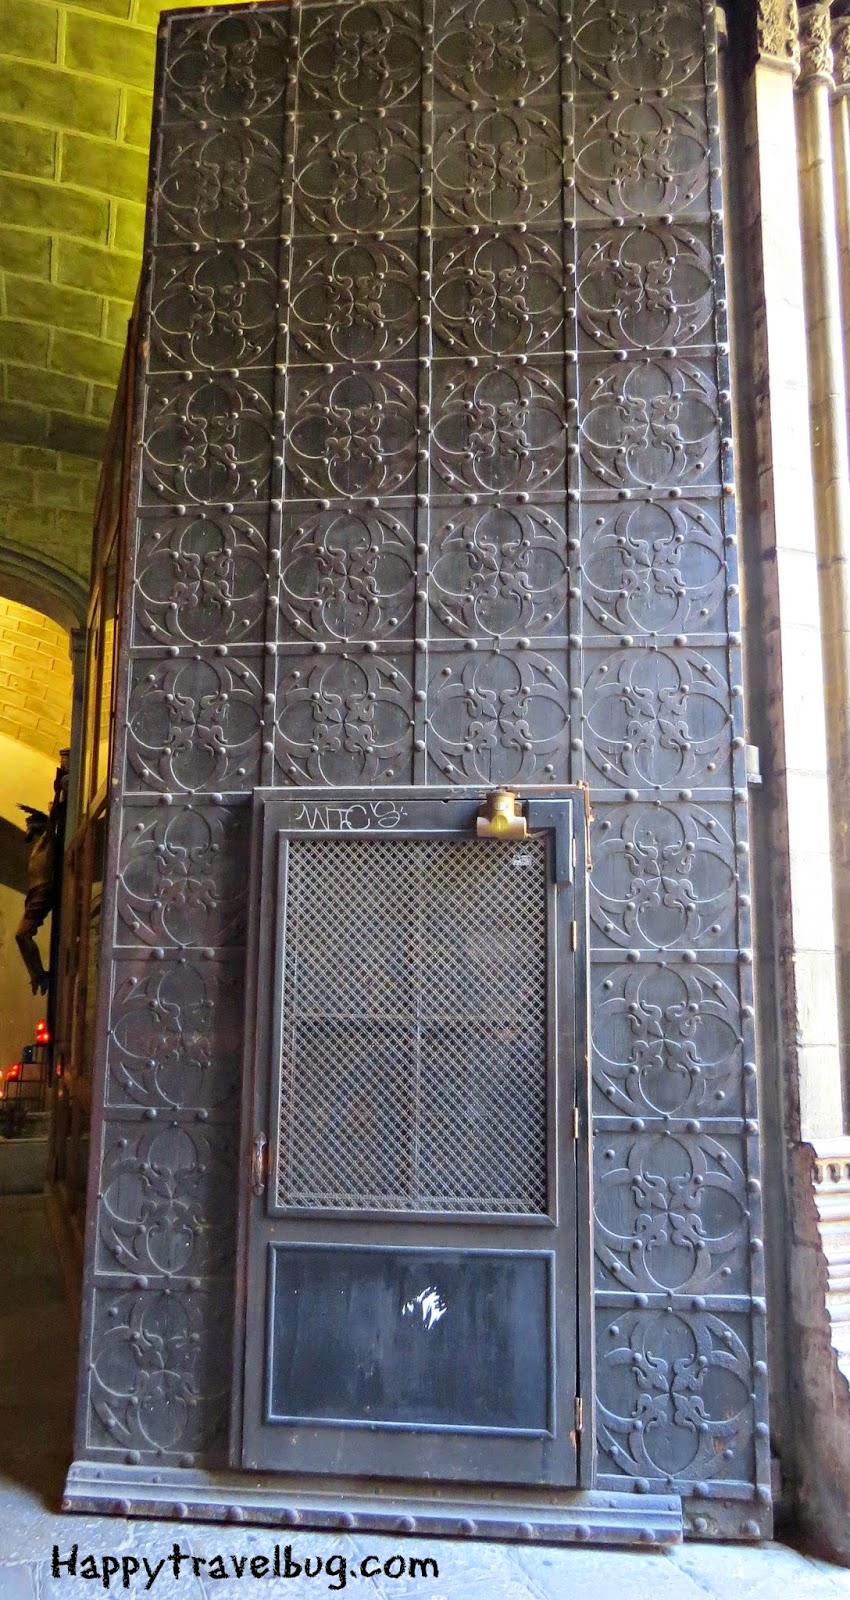 Church door within a door in Barcelona, Spain